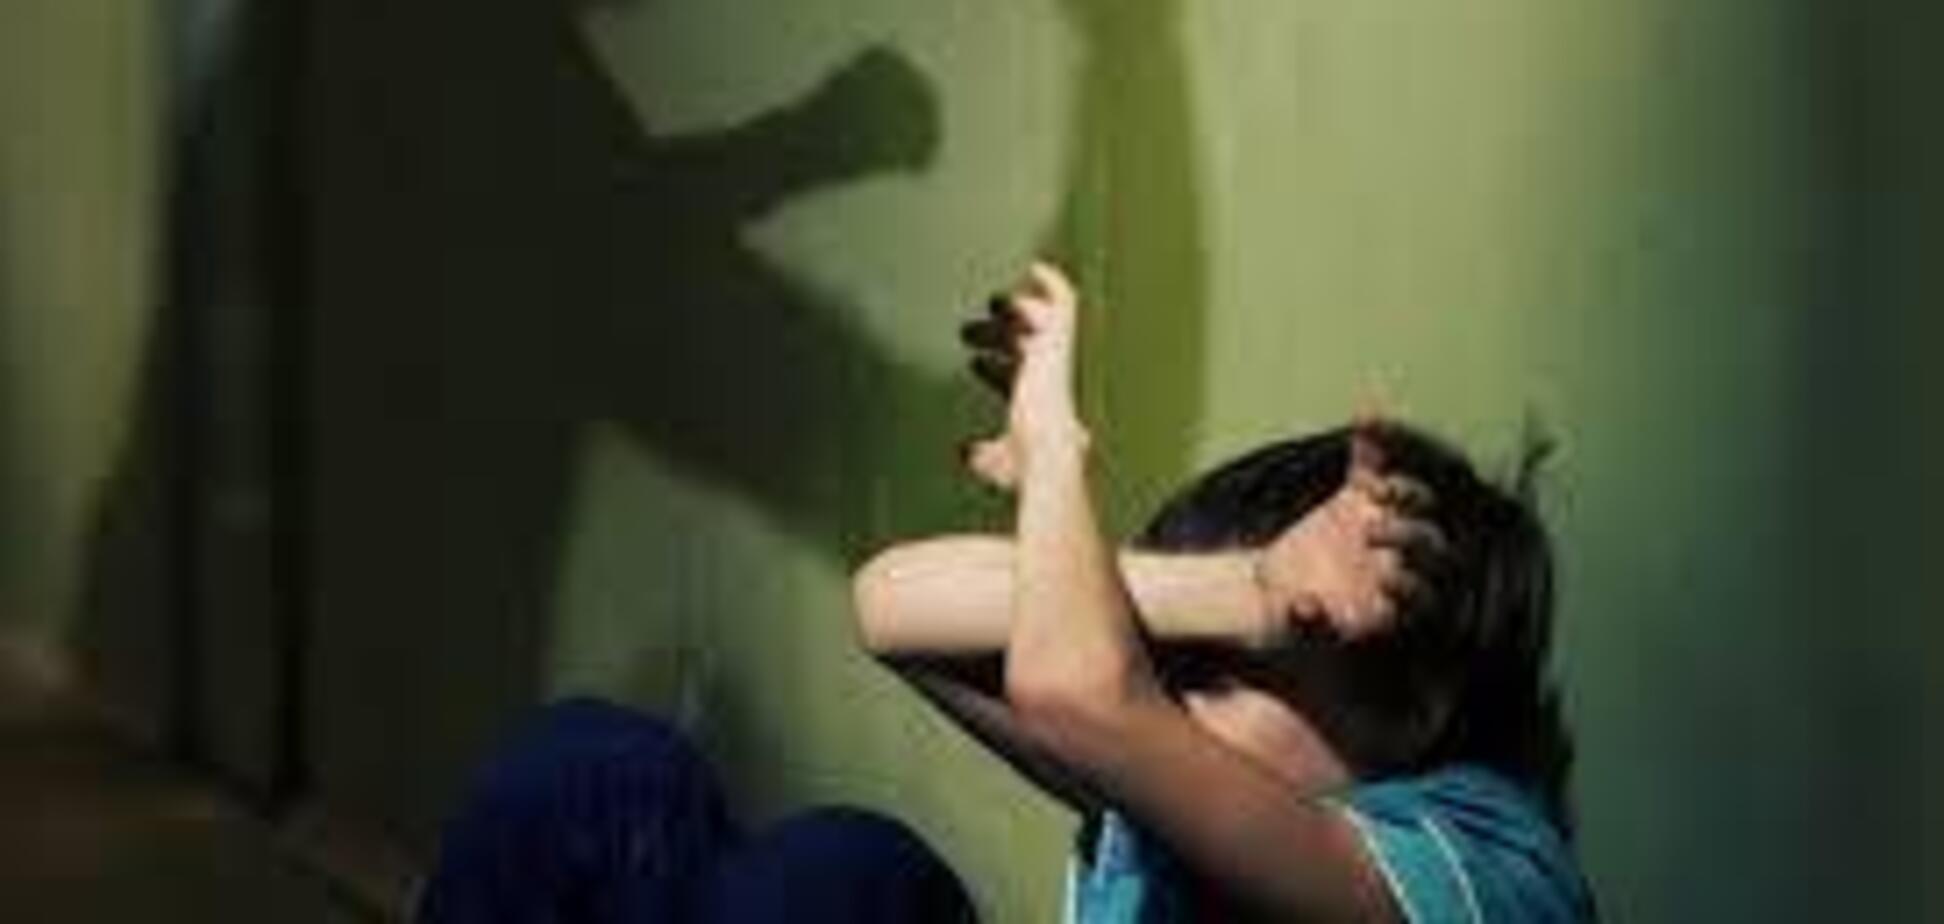 Напився і жорстоко побив дитину: на Дніпропетровщині суд заарештував домашнього тирана